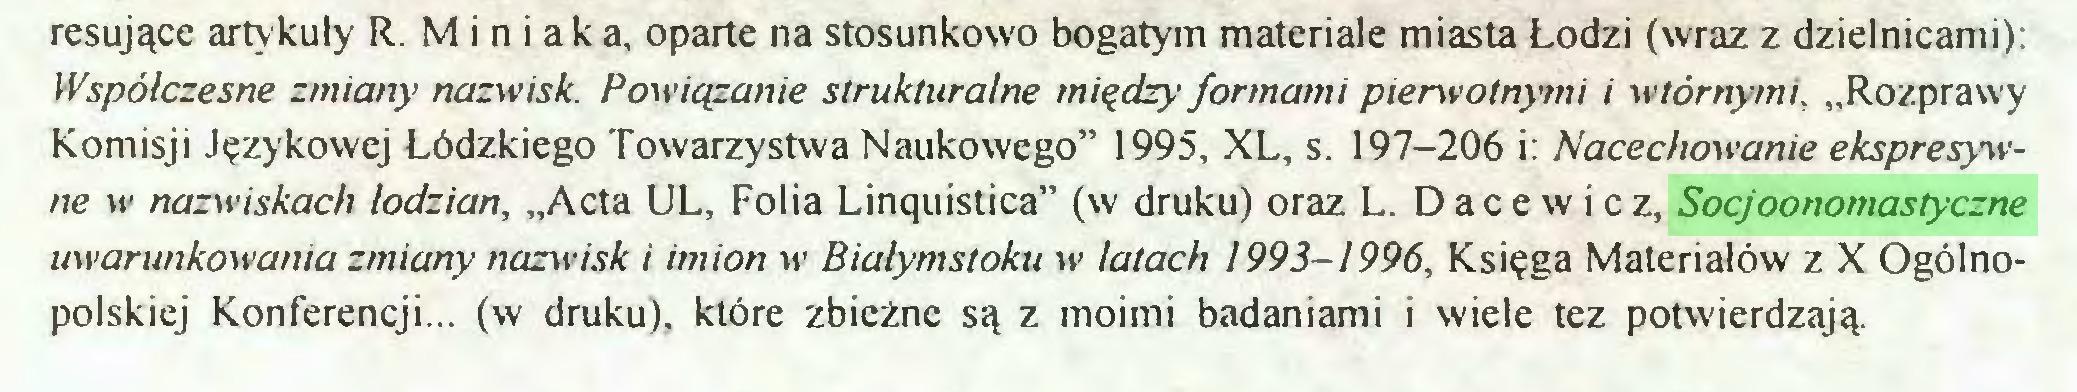 """(...) resujące artykuły R. M i n i a k a, oparte na stosunkowo bogatym materiale miasta Łodzi (wraz z dzielnicami): Współczesne zmiany nazwisk. Powiązanie strukturalne między formami pierwotnymi i wtórnymi, """"Rozprawy Komisji Językowej Łódzkiego Towarzystwa Naukowego"""" 1995, XL, s. 197-206 i: Nacechowanie ekspresywne w nazwiskach łodzian, """"Acta UL, Folia Linąuistica"""" (w druku) oraz L. Dace w i cz, Socjoonomastyczne uwarunkowania zmiany nazwisk i imion w Białymstoku w latach 1993-1996, Księga Materiałów z X Ogólnopolskiej Konferencji... (w druku), które zbieżne są z moimi badaniami i wiele tez potwierdzają..."""